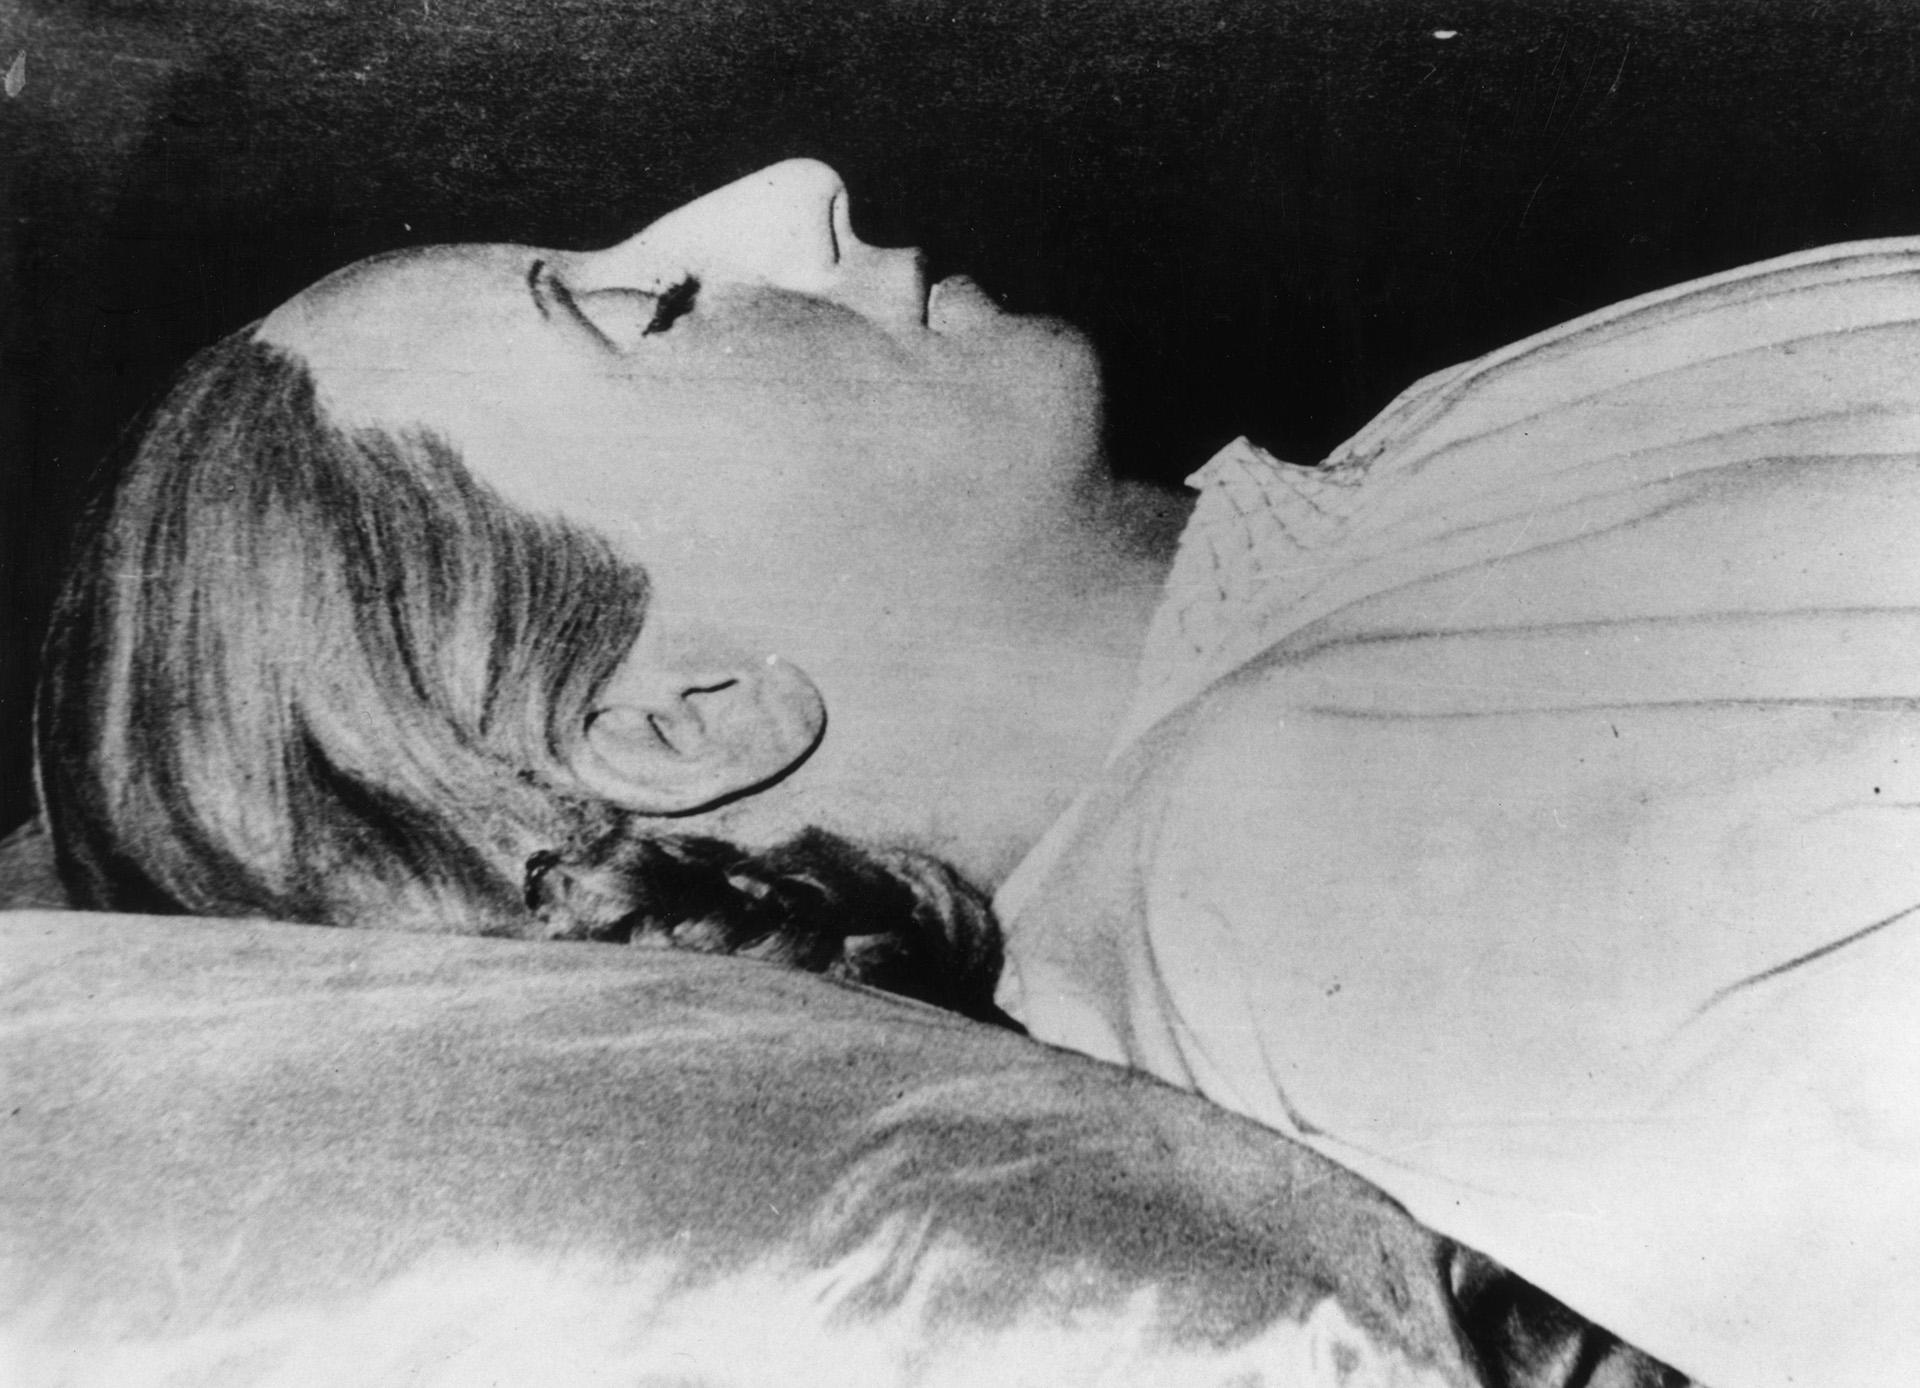 """Muere el 26 de julio de 1952 a los 33 años, como consecuencia del cáncer de útero que padecía. El comunicado oficial anunciando su deceso, decía: """"Cumple la Subsecretaría de Informaciones de la Nación el penosísimo deber de informar al pueblo de la República que a las 20.25 horas ha fallecido la señora Eva Perón, Jefa Espiritual de la Nación"""" (Getty Images)"""